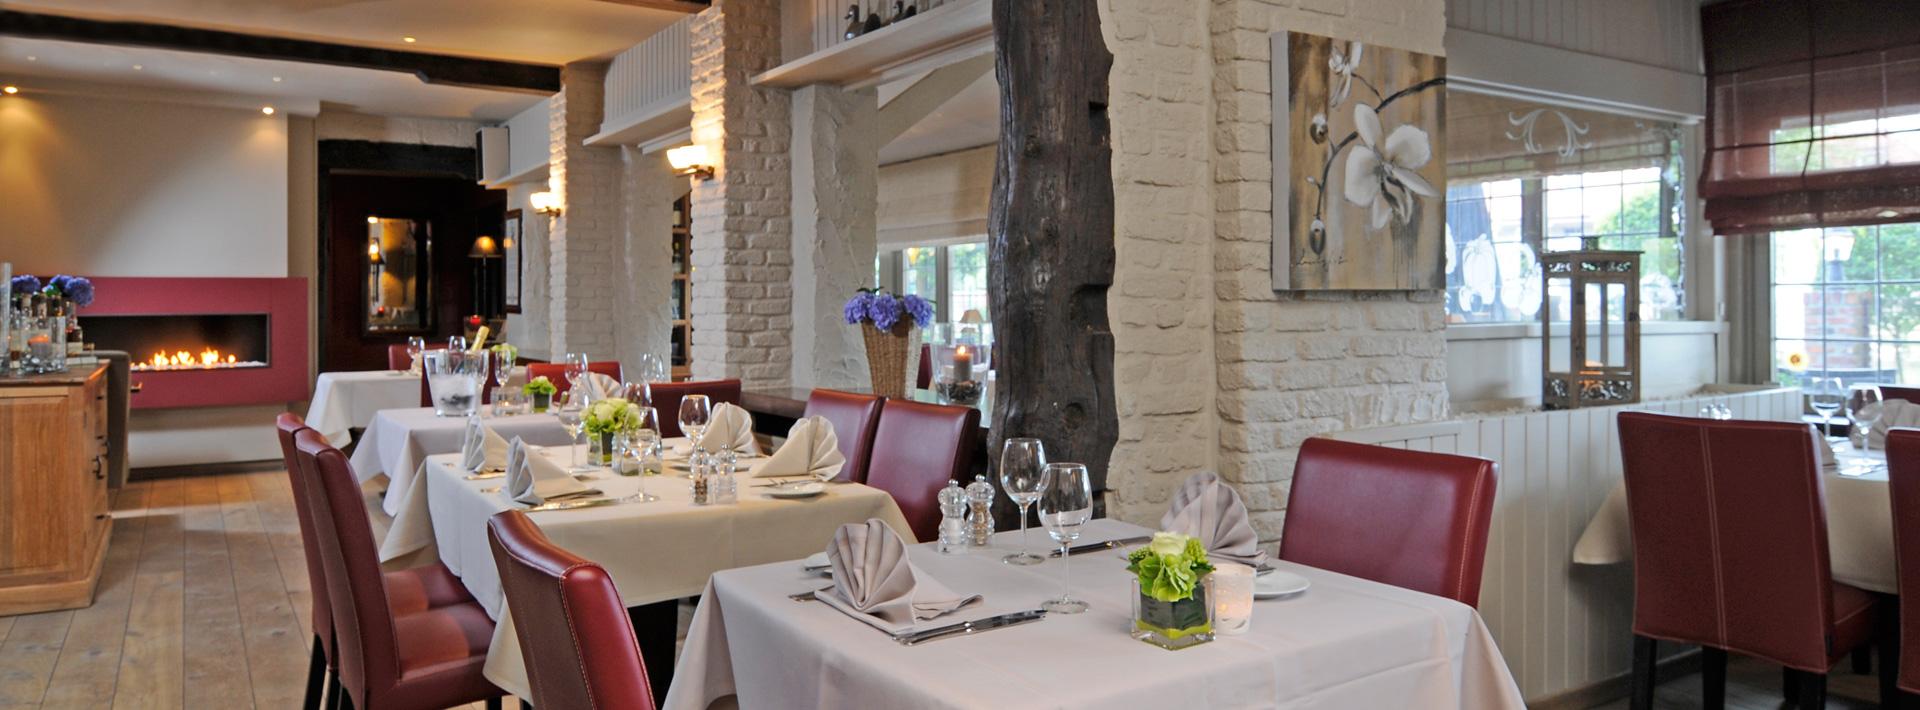 restaurant-feestzalen-malpertus-in-st-niklaas_standaard_02